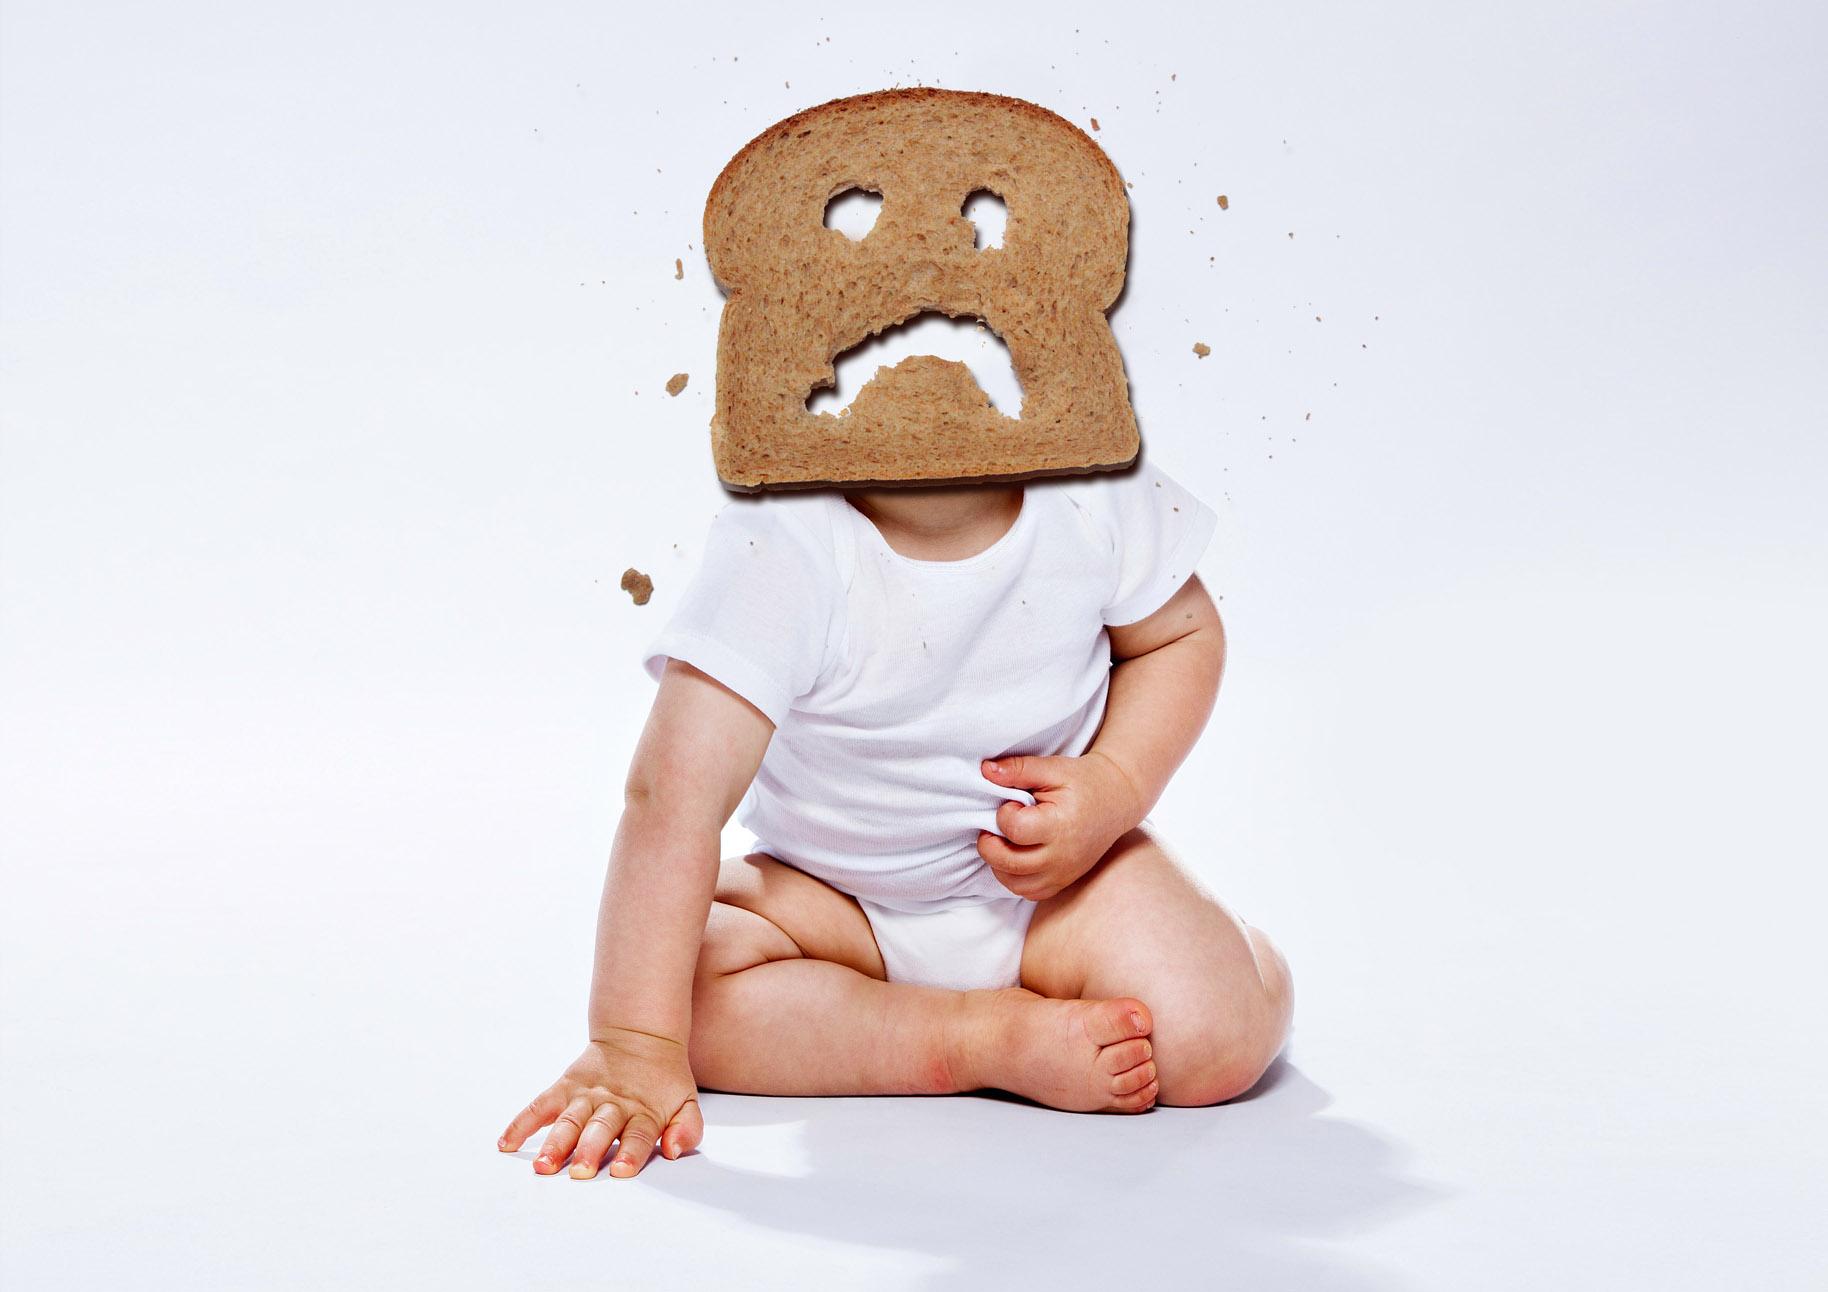 Celiaquía, cuando el gluten es un problema para el niño